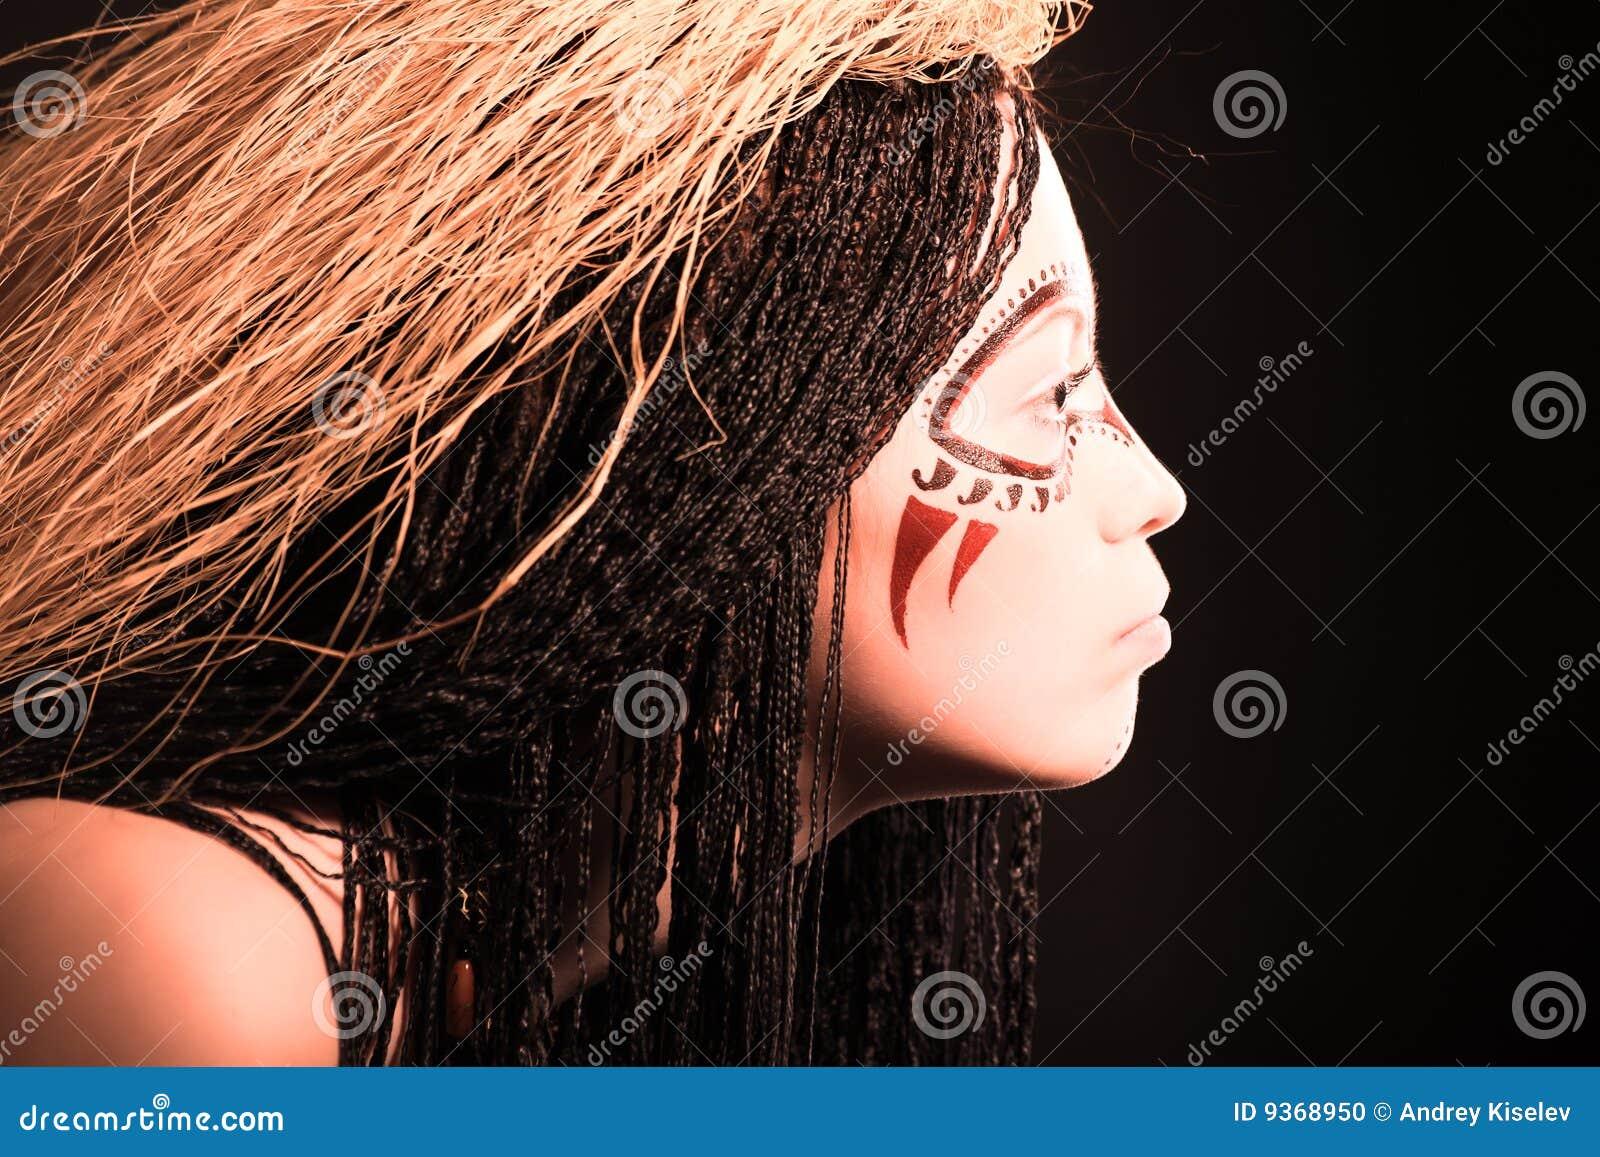 Ethnic Portraits 18